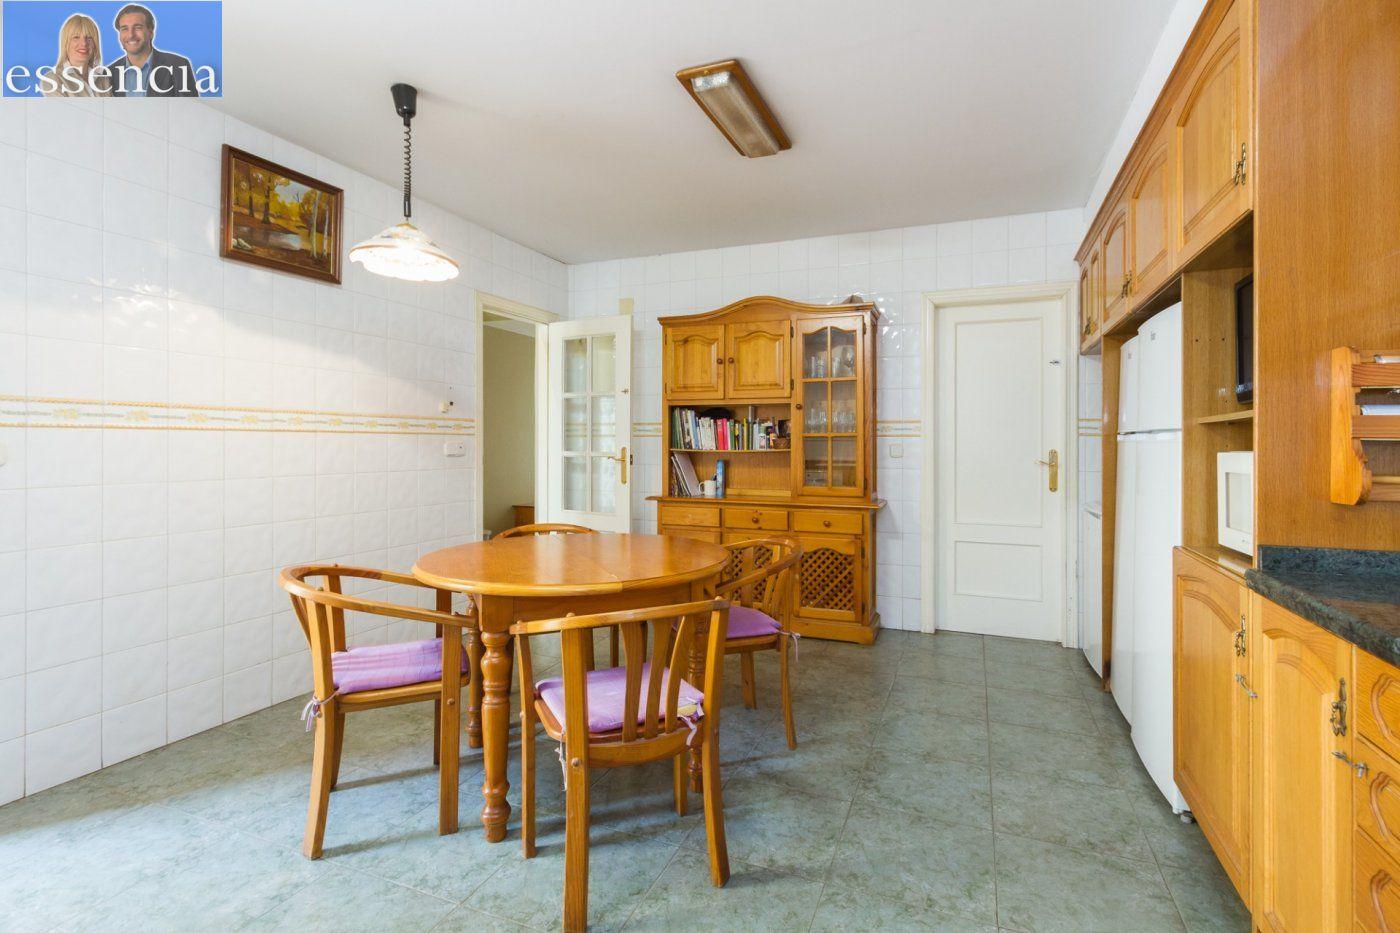 Casa con encanto en el centro de gandÍa para clientes vip - imagenInmueble14